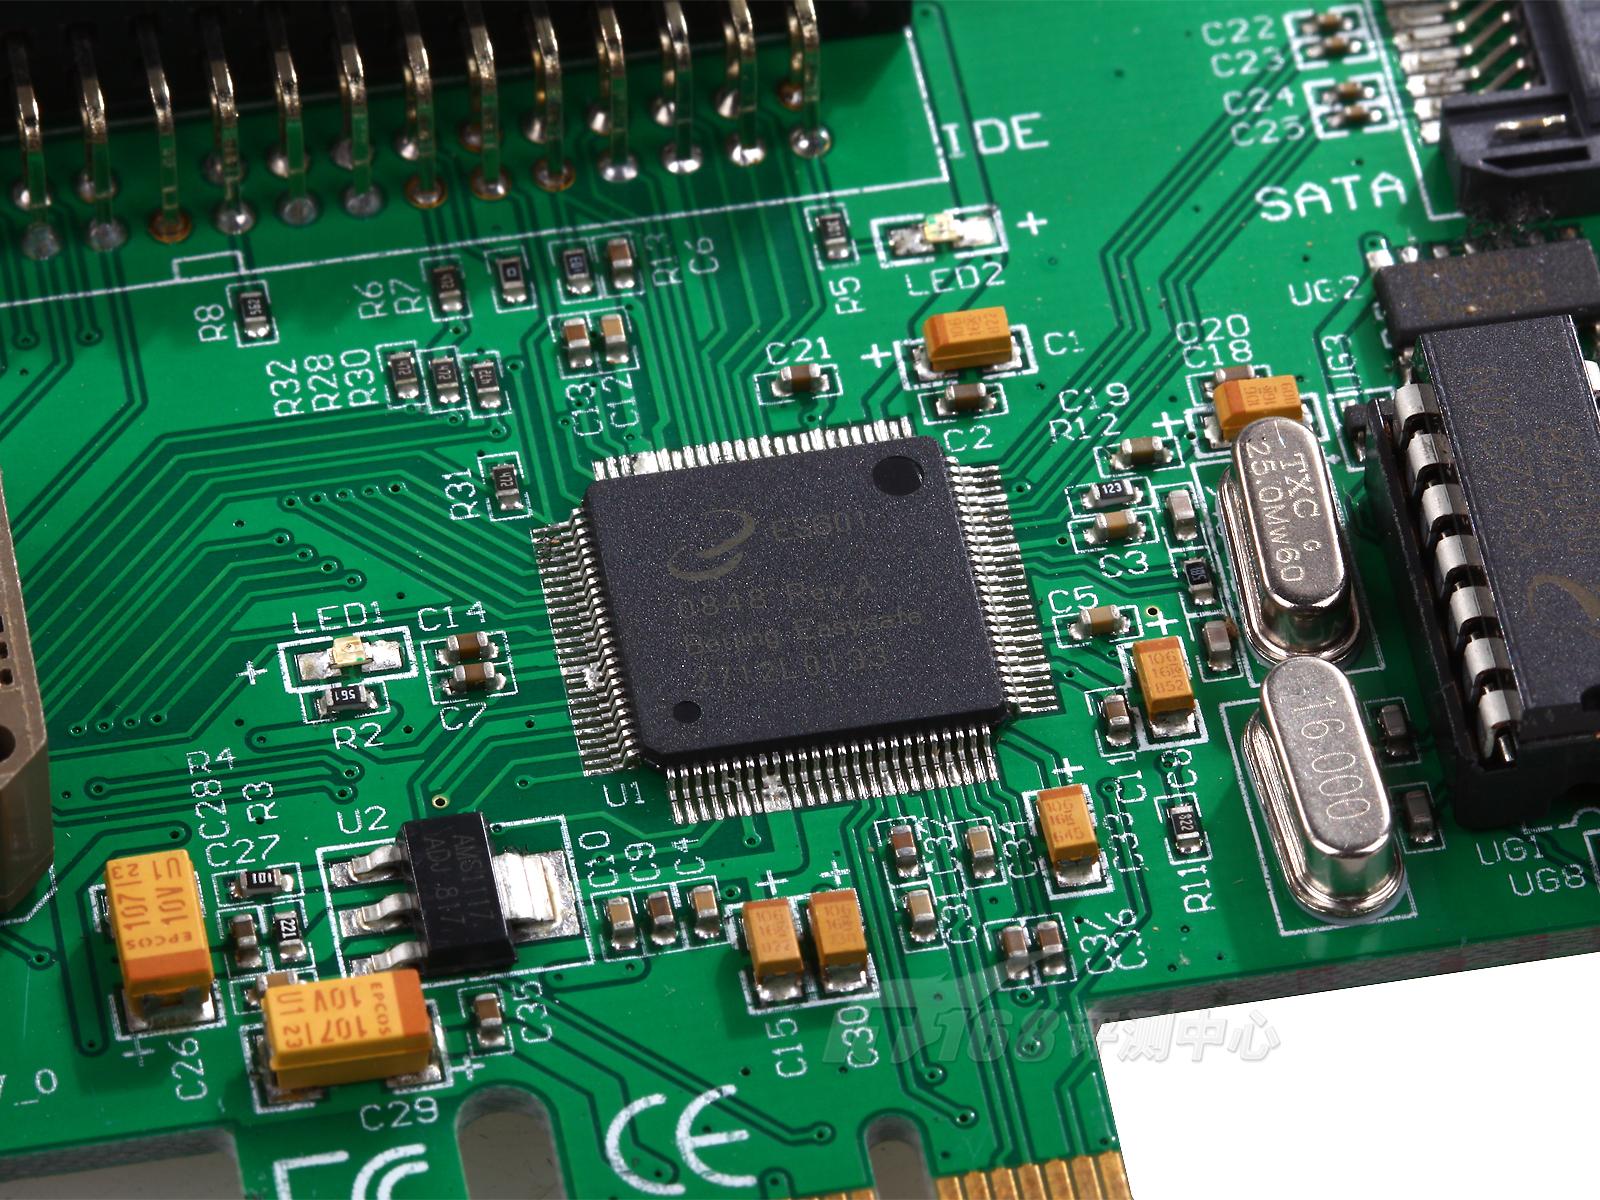 【IT168评测中心】上周我们为大家展示了一款惠普商用台式机新近推出的硬件防毒产品——蓝芯防毒卡,一款小小的PCI-E接口防毒卡,通过板载的SATA或IDE接口全面接管整机最重要的数据存储设备硬盘的读取工作,通过自己研发的蓝芯芯片对数据进行全面的筛检,从而保护数据及硬盘的安全,是一块对商务用户来说十分重要的硬件产品。  蓝芯防毒卡  核心控制芯片  图解蓝芯防毒卡   我们今天就为大家详细介绍一下这块蓝芯防毒卡的具体安装使用流程,让大家对这款产品有一个全面的认识,它虽然名为防毒